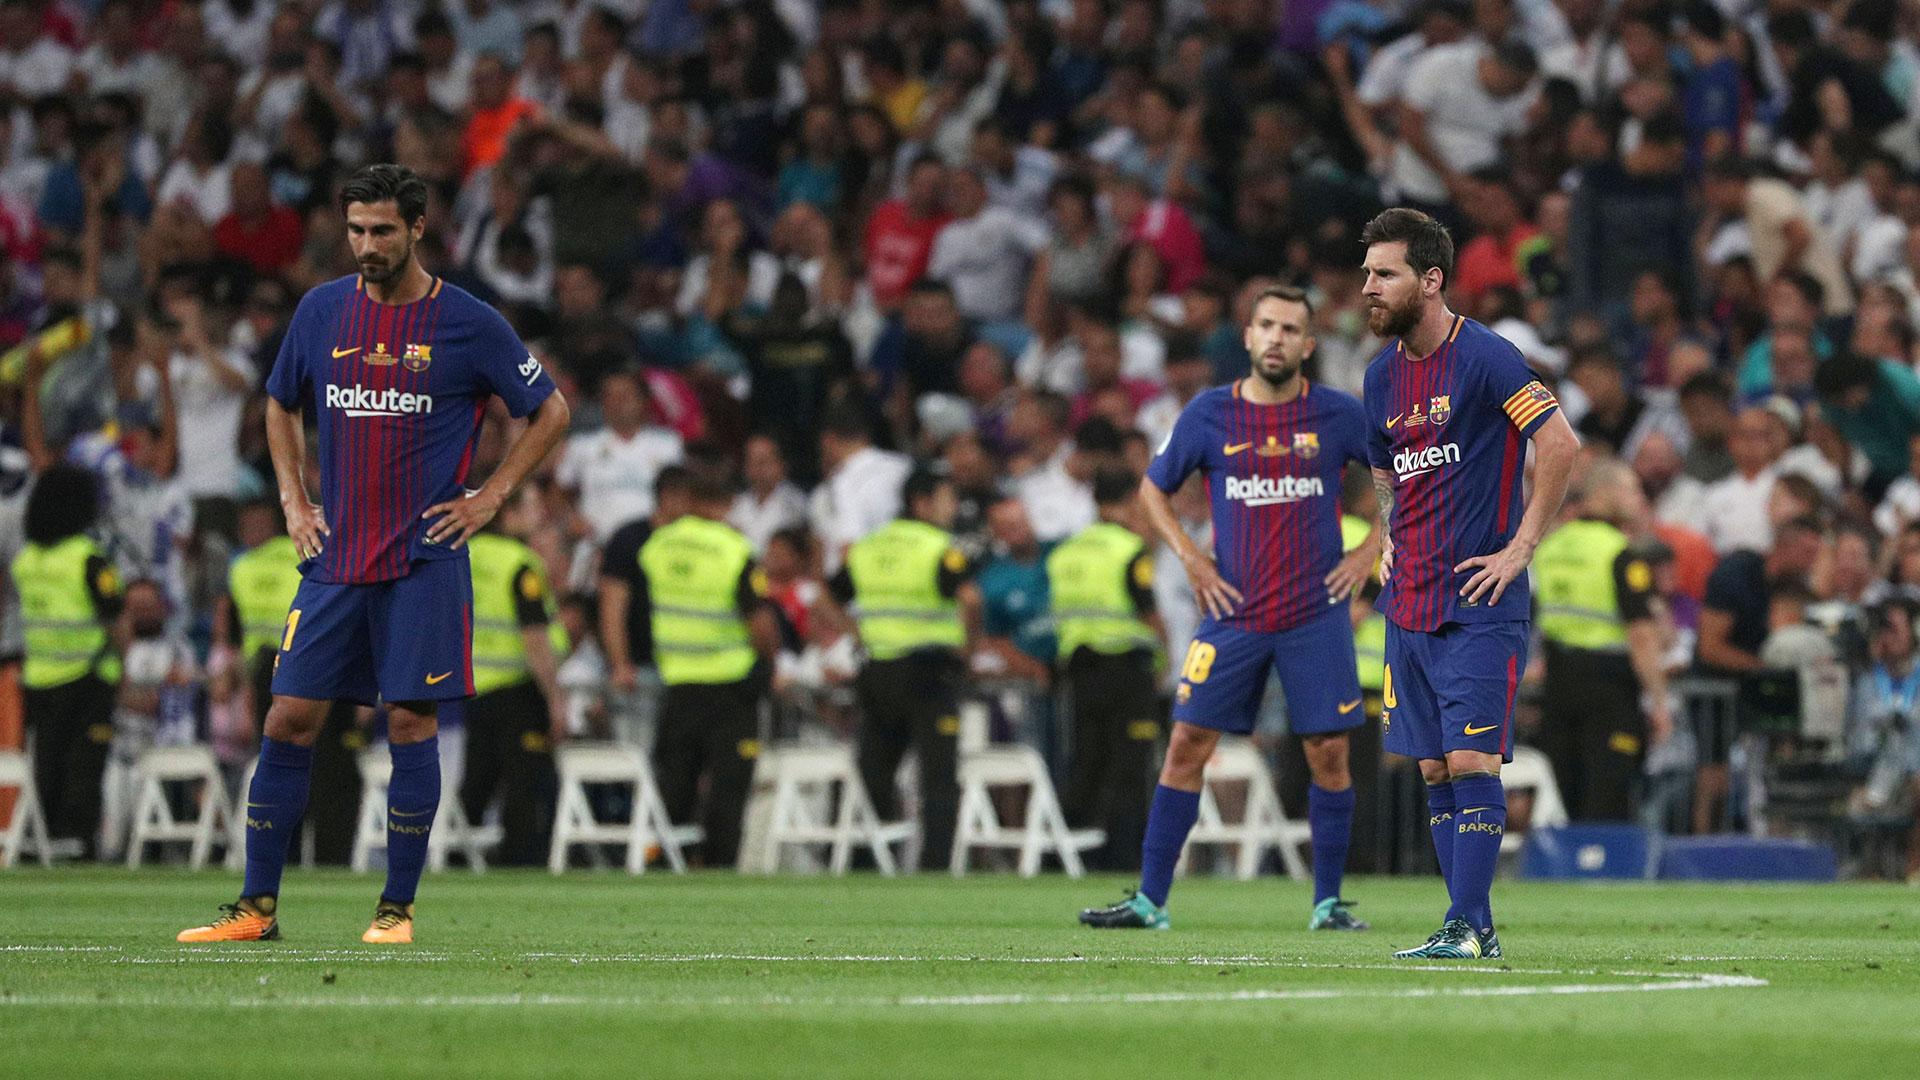 Tras la salida de Neymar, el Barcelona no encuentra su juego